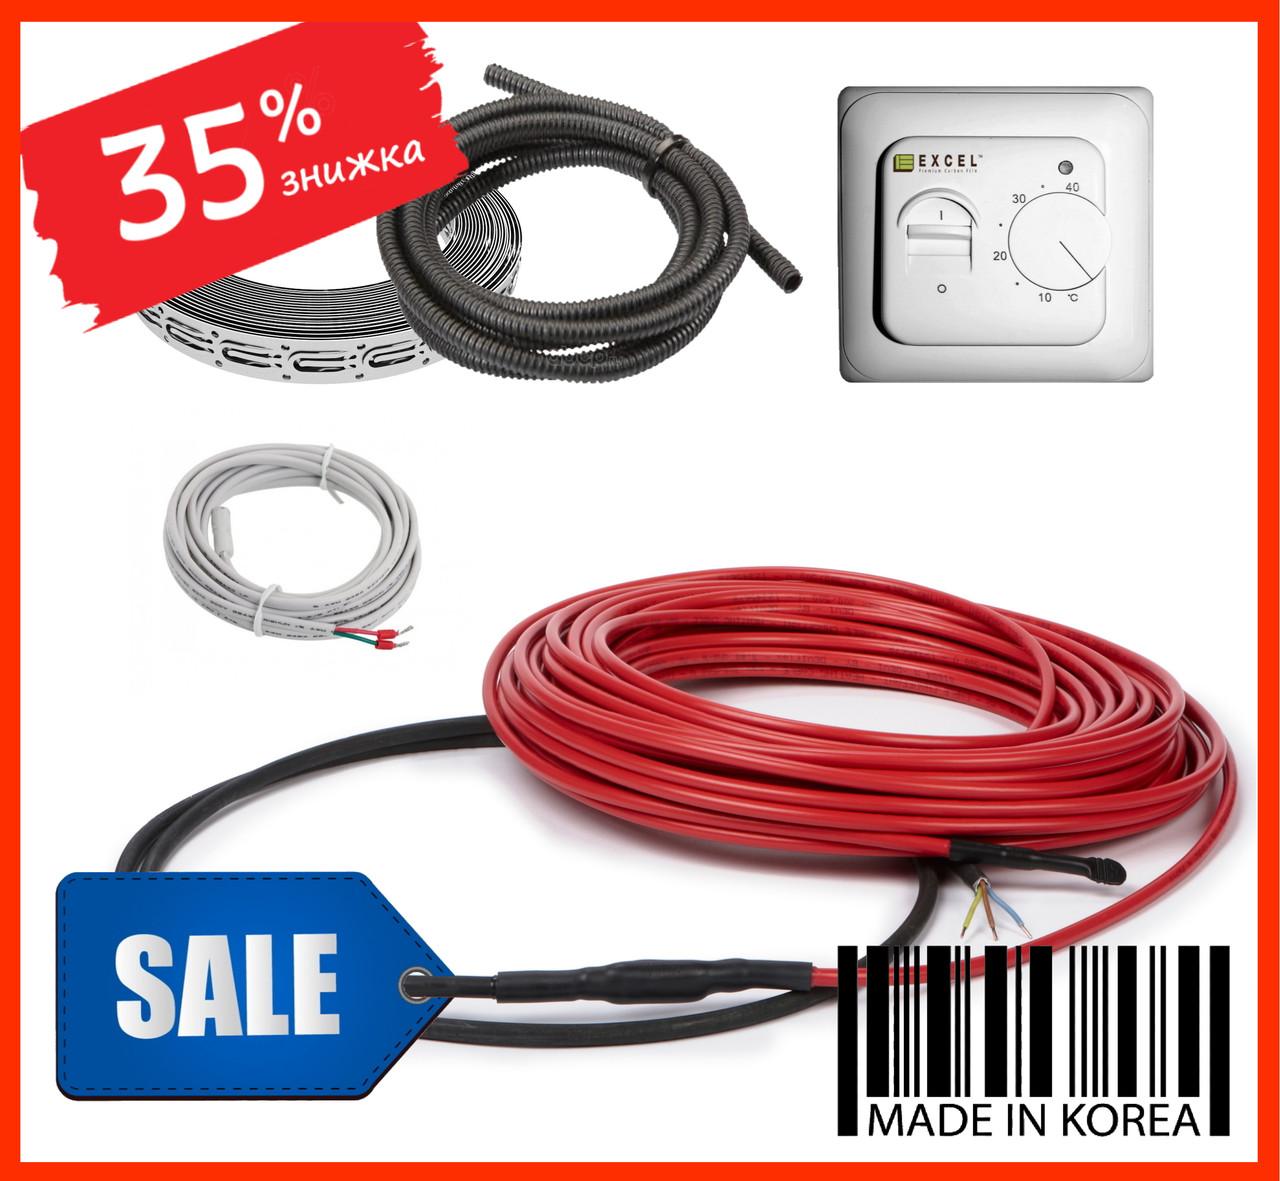 Нагревательный кабель FIX18 2250ват 13-15м2(125мп) Теплый пол электрический под плитку стяжку